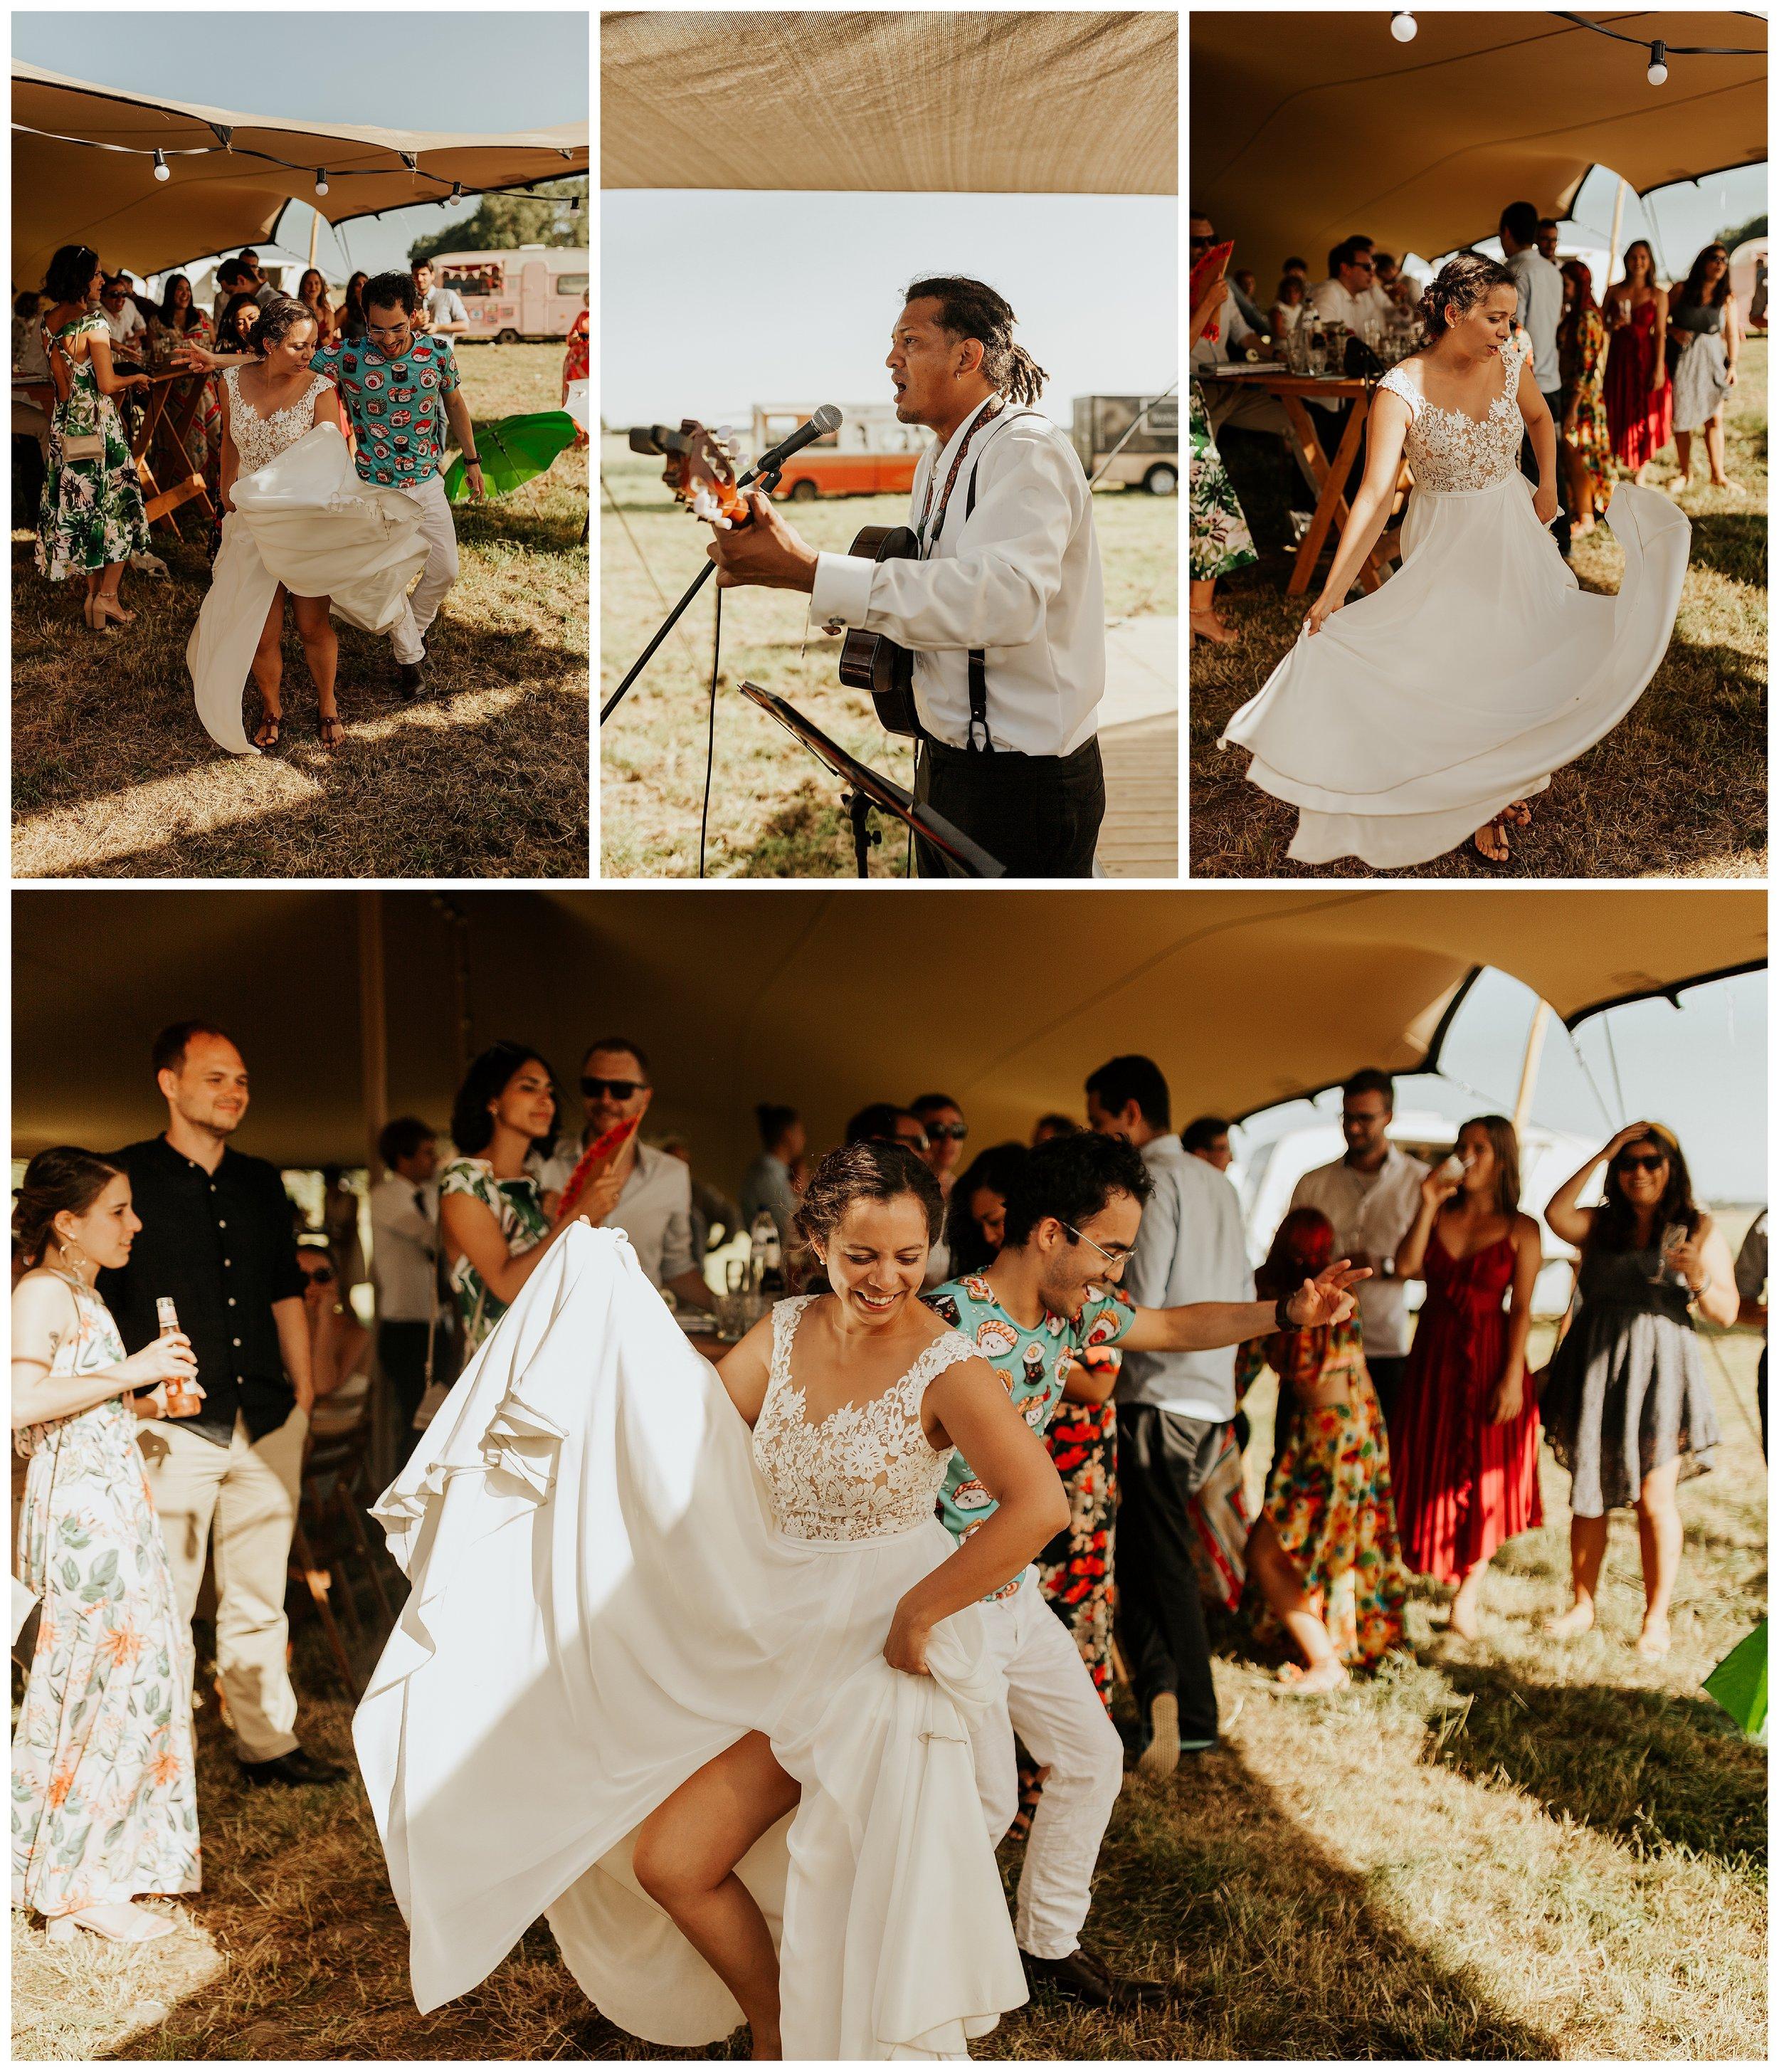 huwelijksfotograaf-huwelijksfotografie-knokke-heist-lisa-helsen-photography-trouwfotograaf-trouwfoto-sabine-pieter_0022.jpg